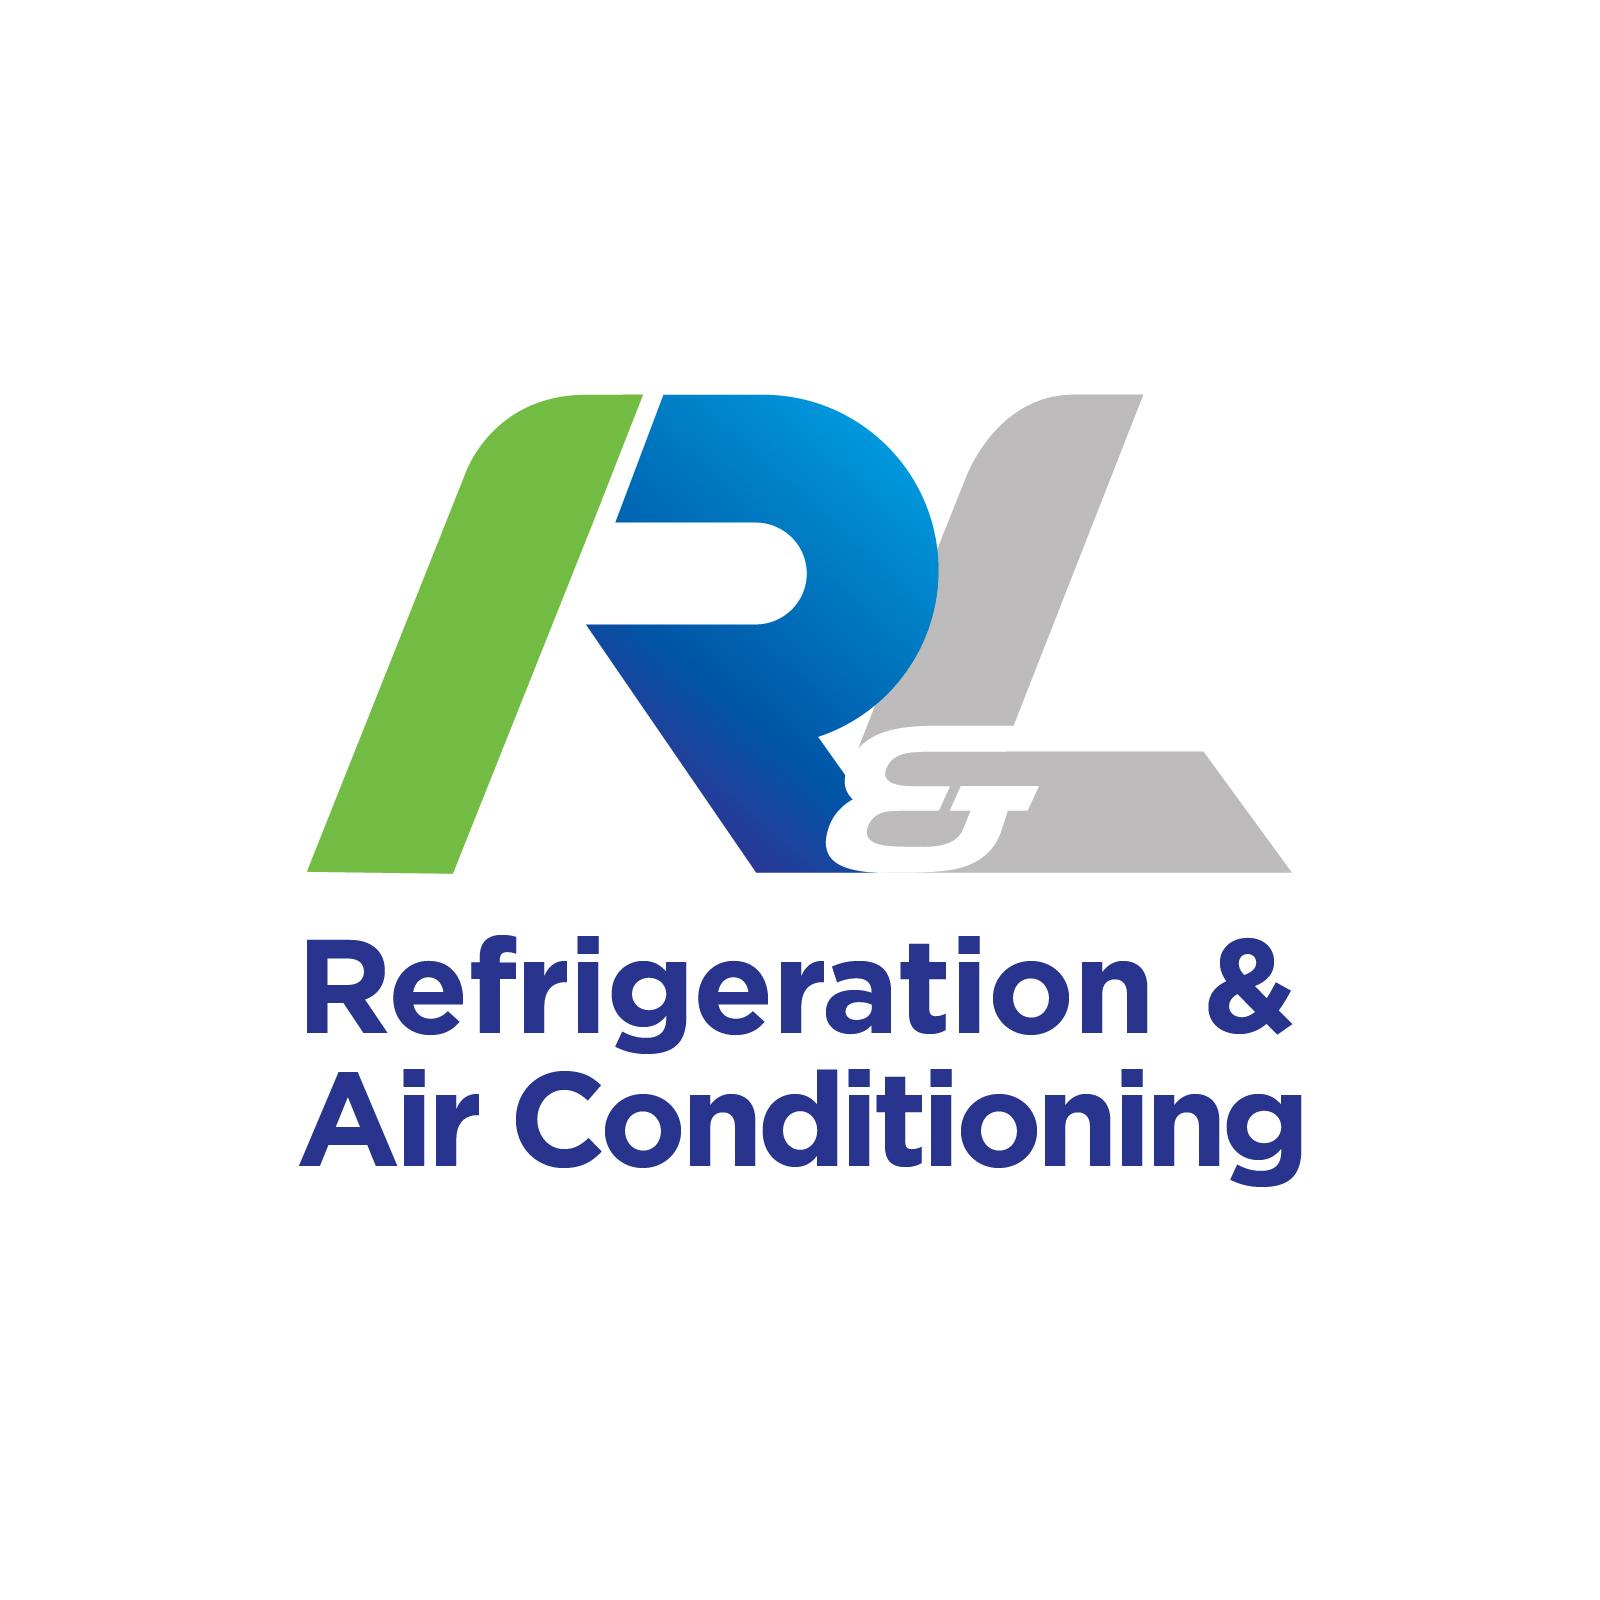 R and L logo design reversed